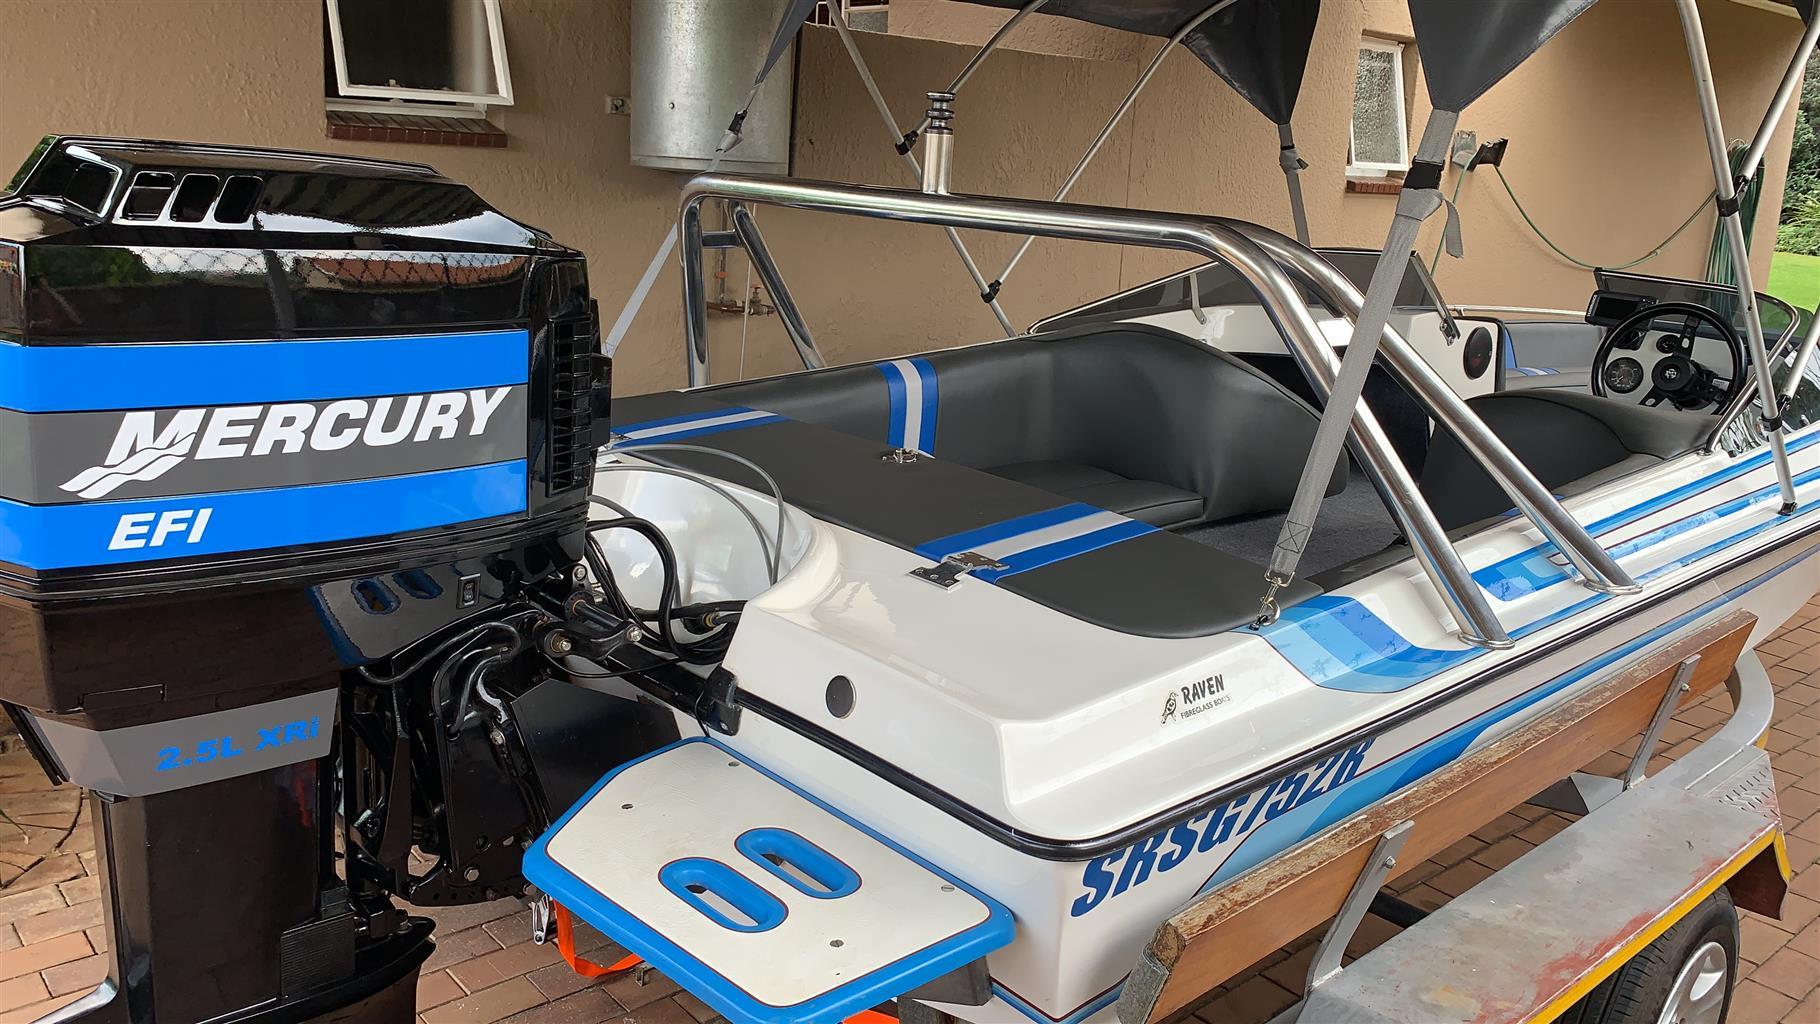 Raven Bowrider 17ft & Mercury 200HP 2.5L V6 XRI